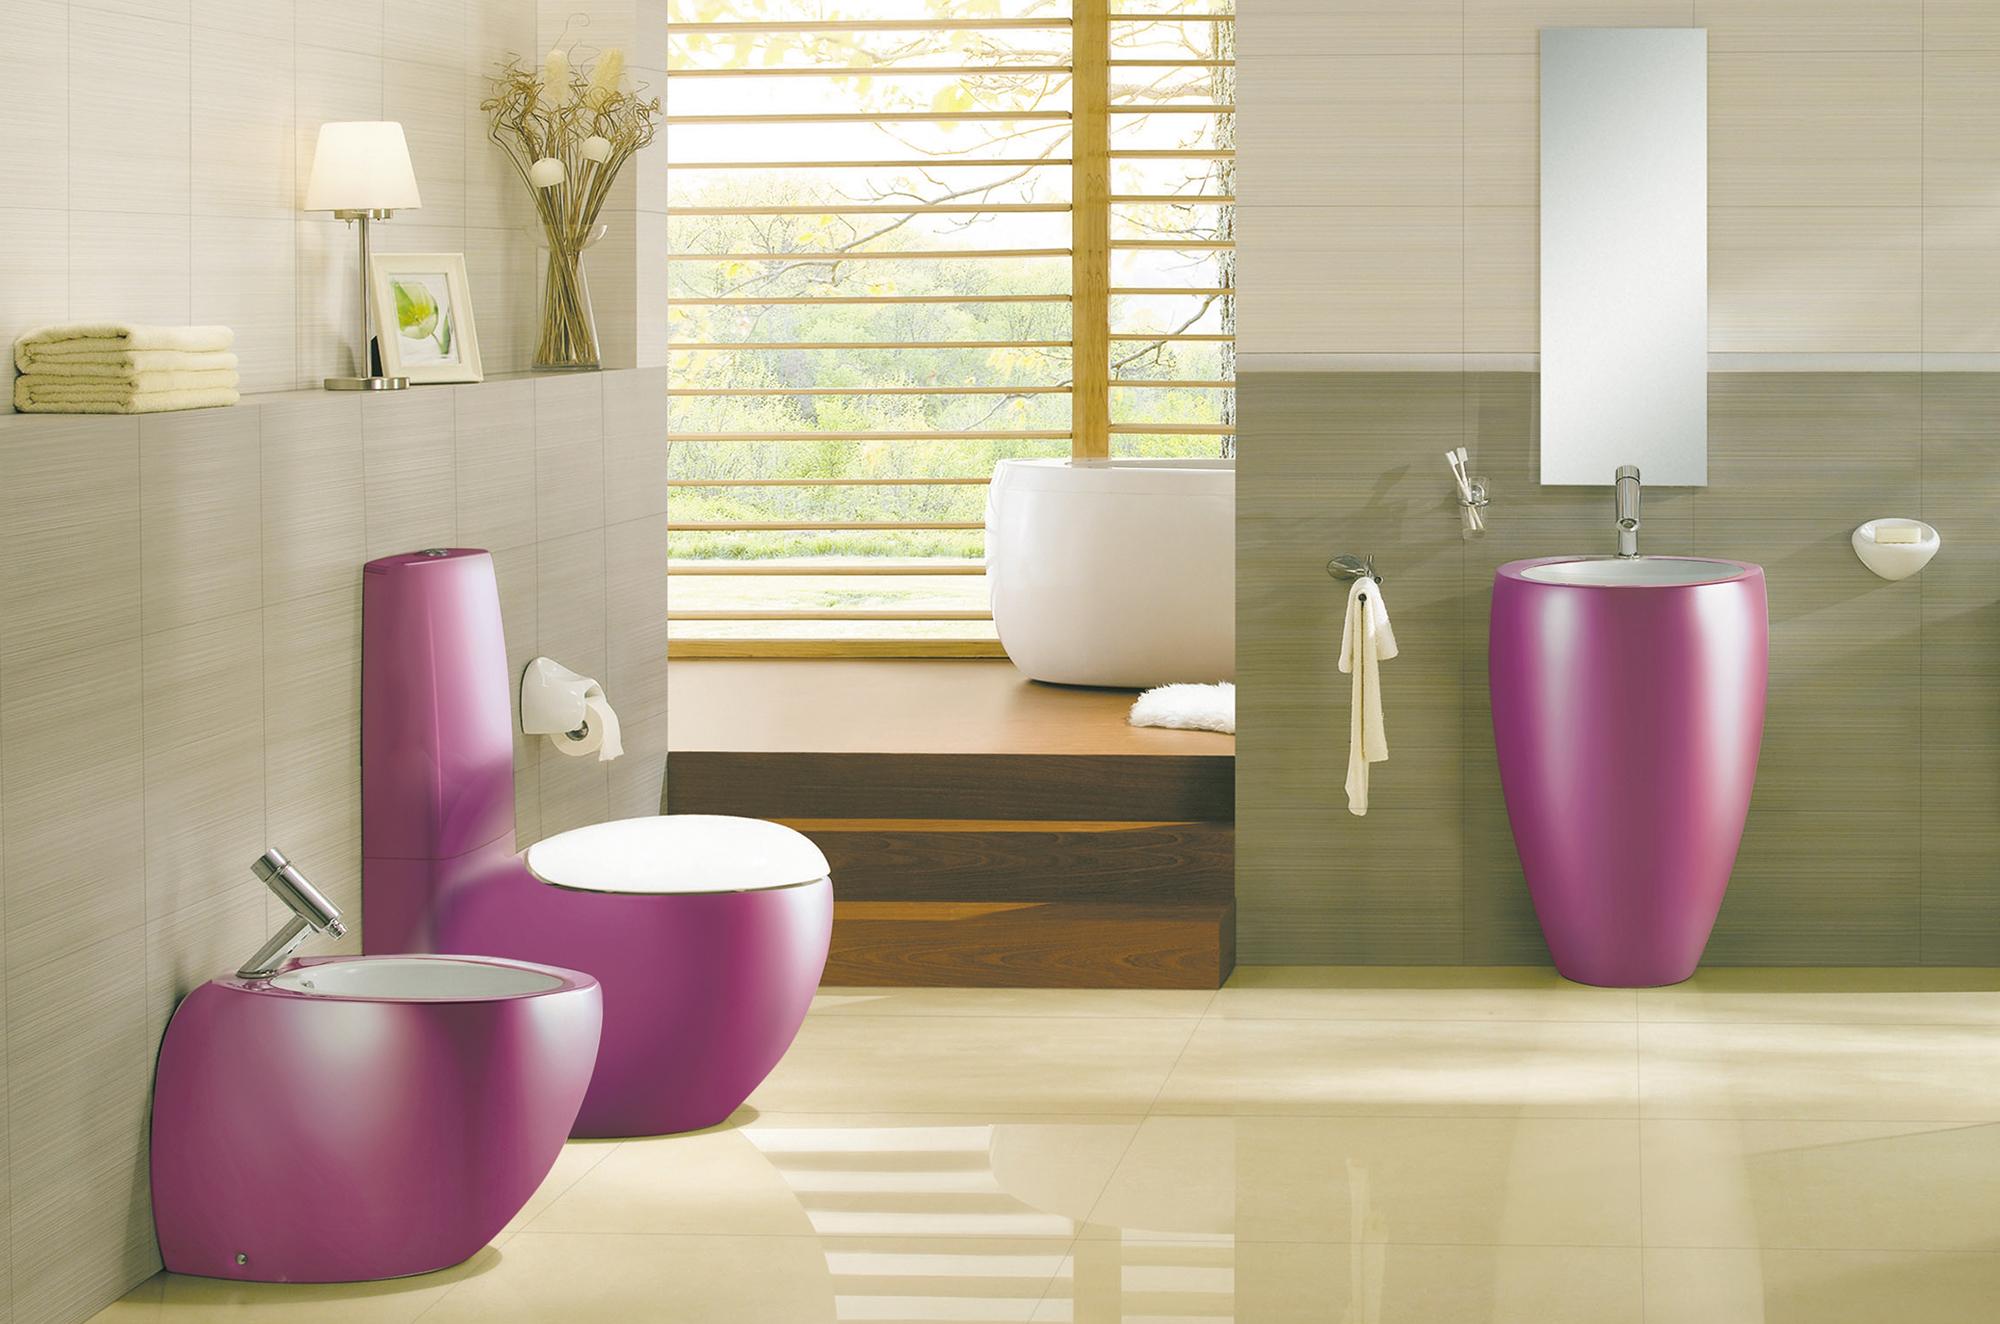 Сантехника в ванной цвета фуксия